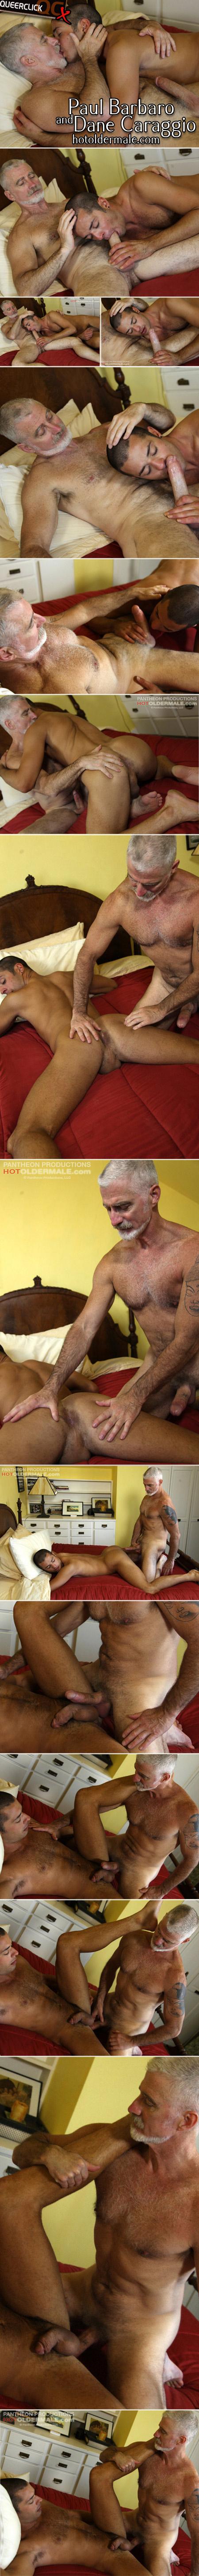 hot older male dane caraggio paul barbaro